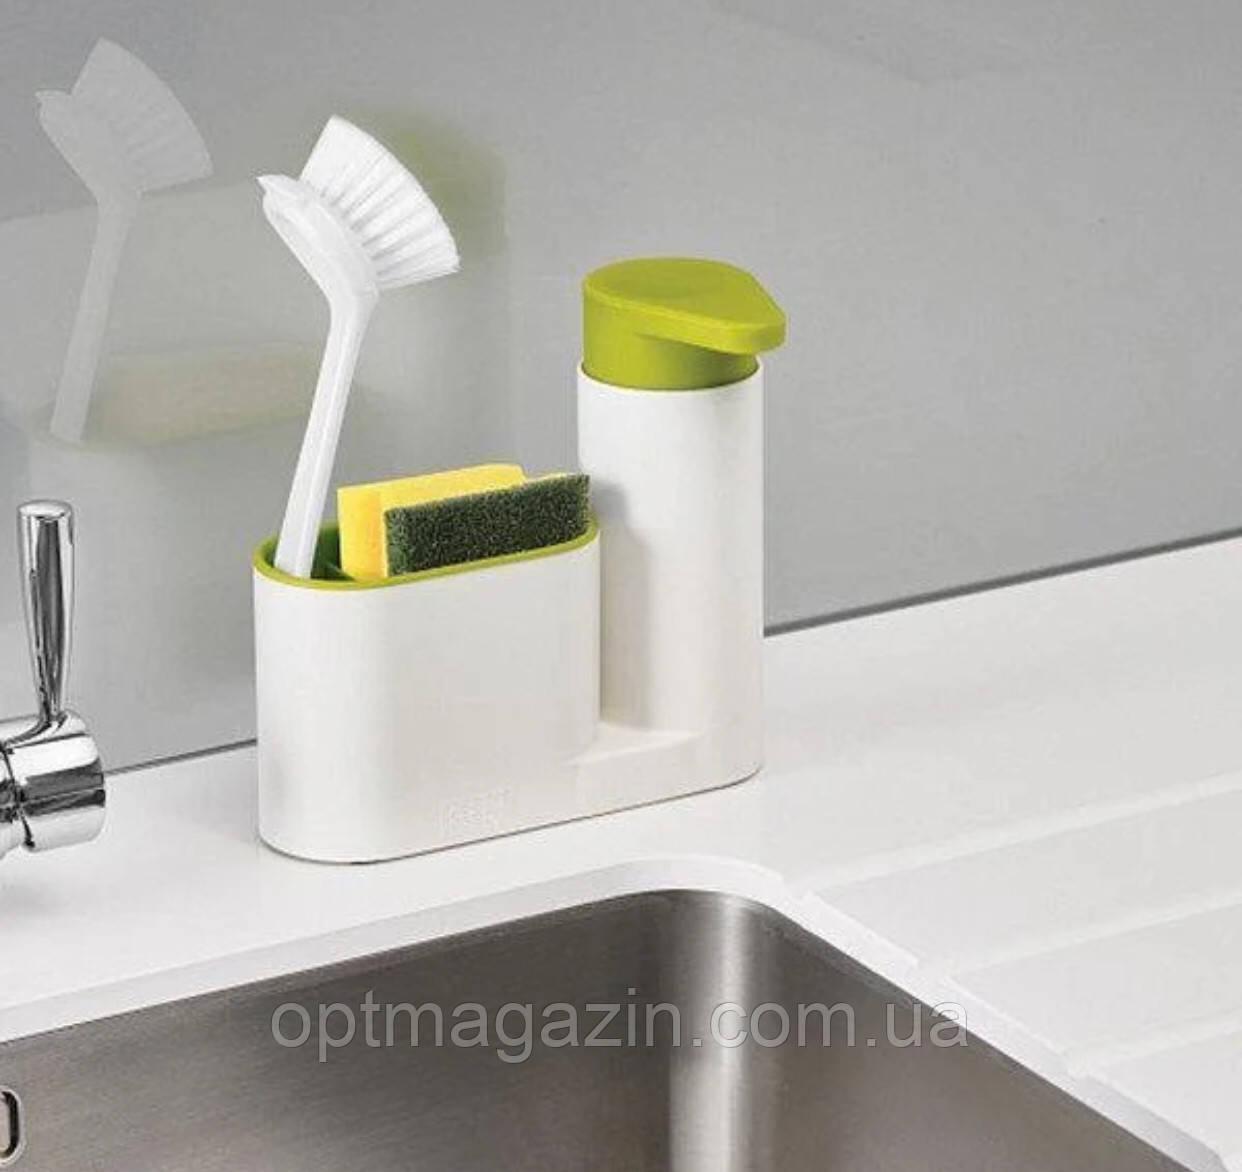 Органайзер для кухонної раковини Sink Tidy sey